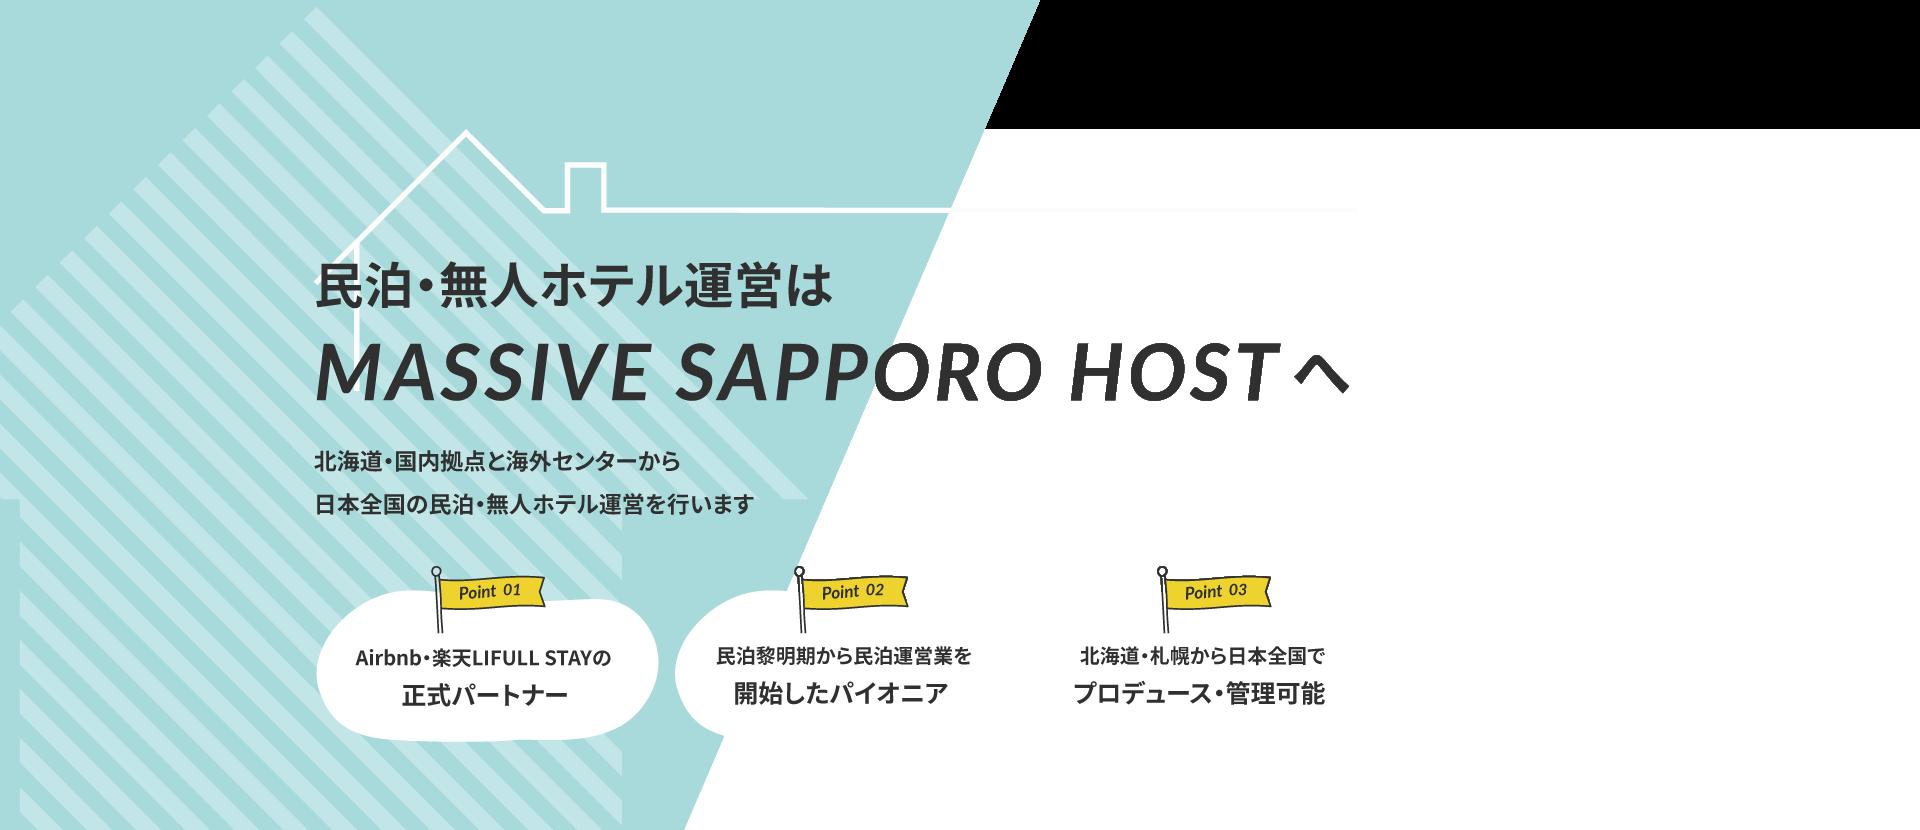 民泊・無人ホテル運営はMASSIVE SAPPORO HOSTへ